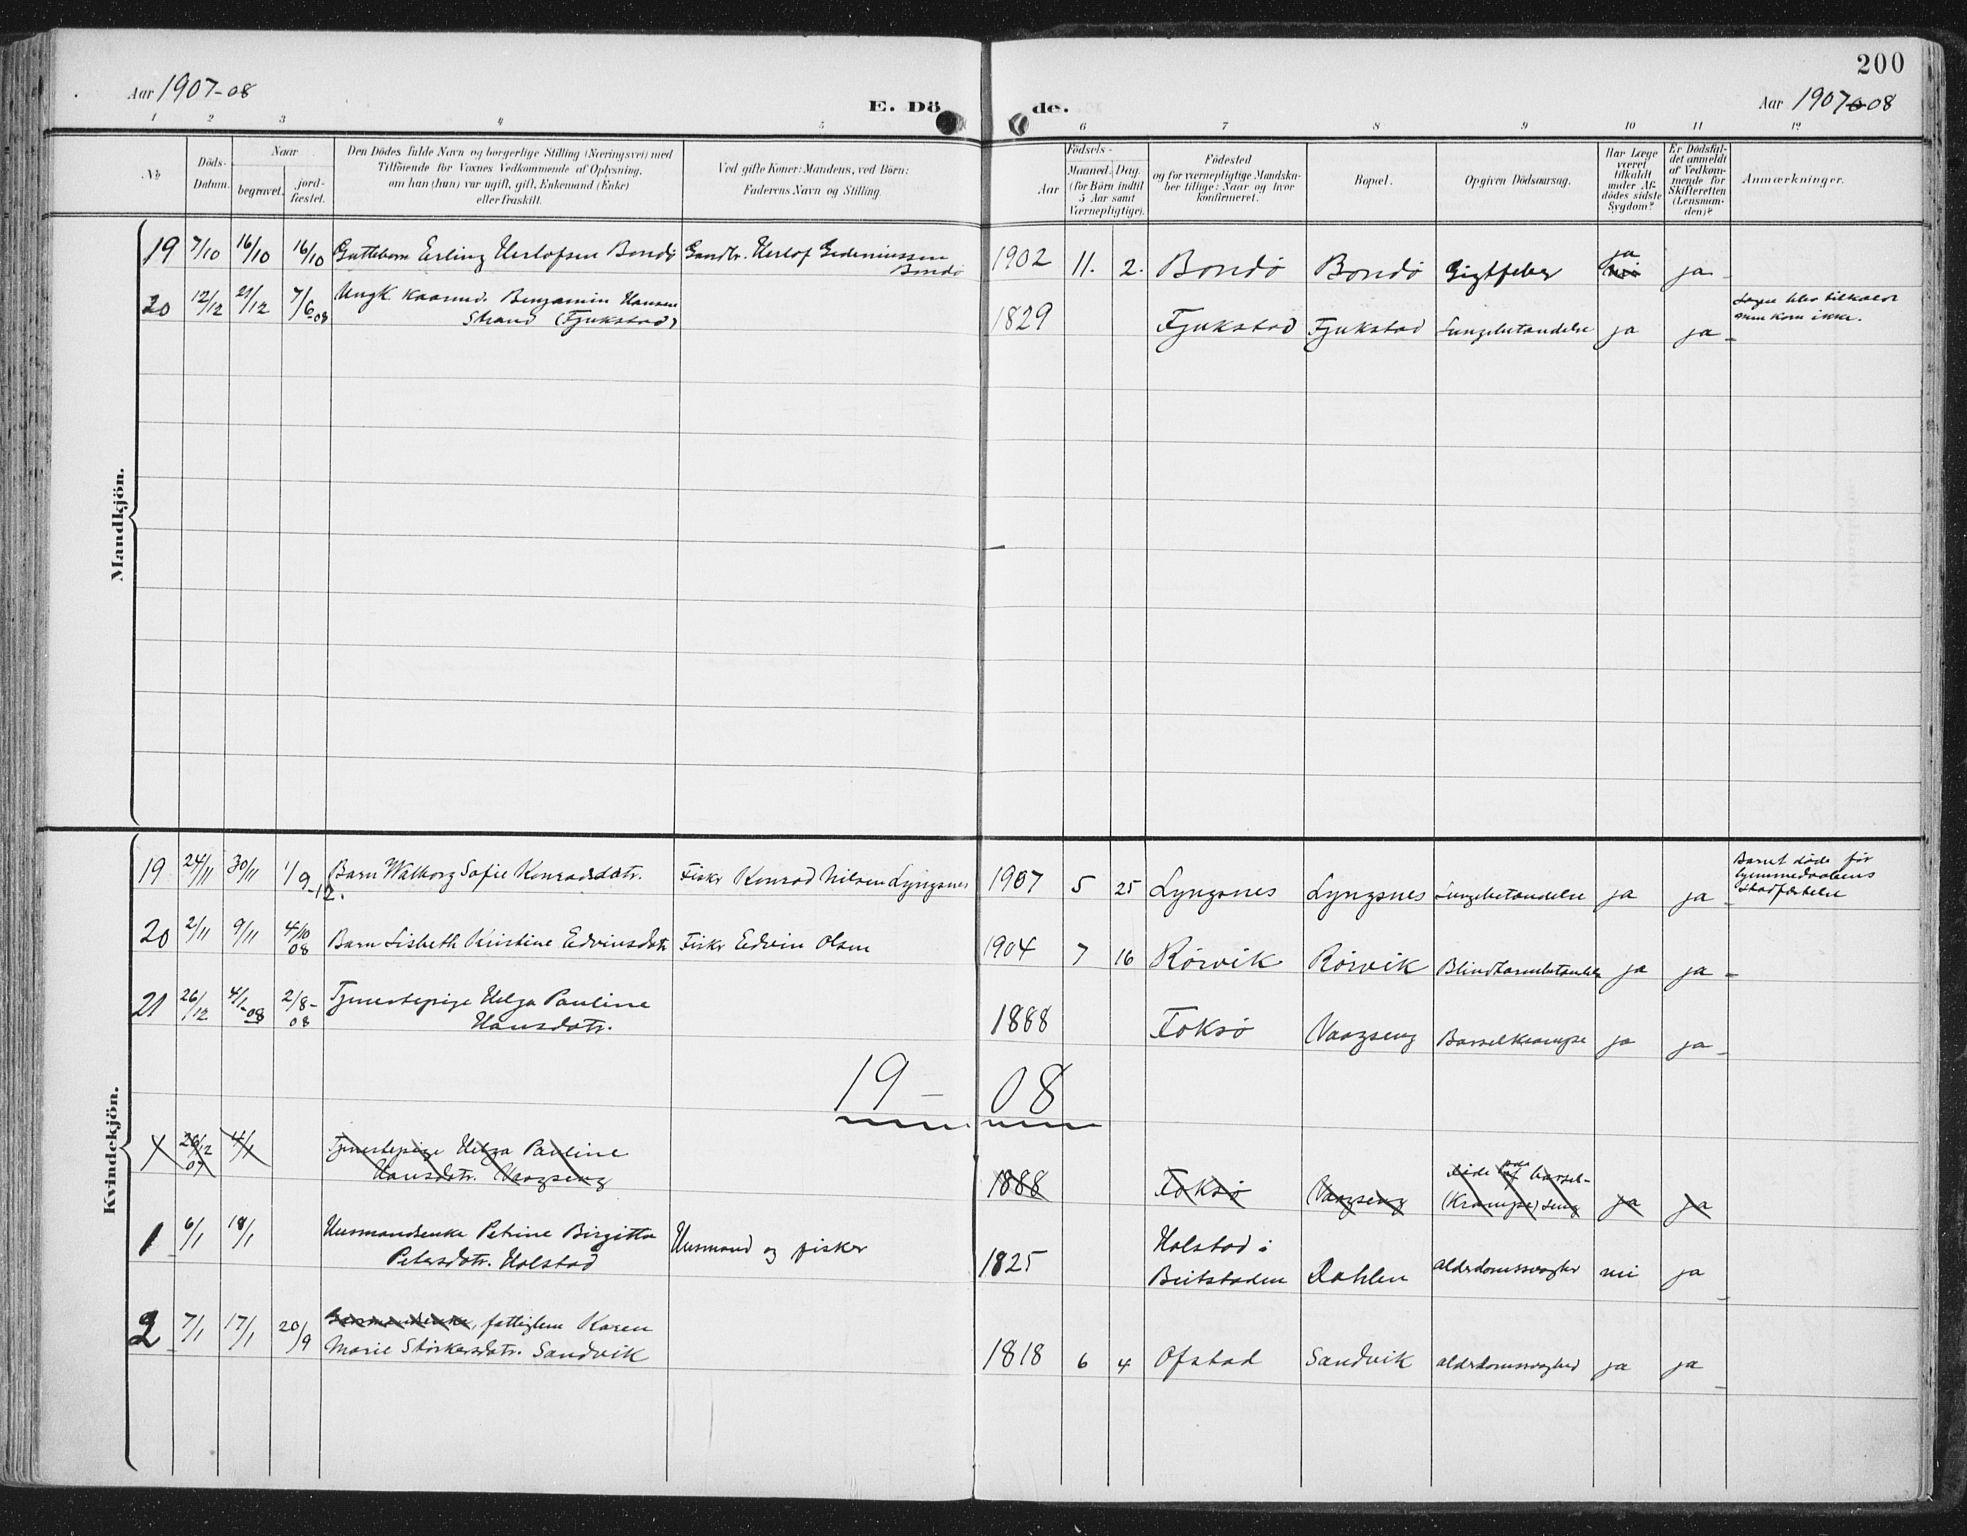 SAT, Ministerialprotokoller, klokkerbøker og fødselsregistre - Nord-Trøndelag, 786/L0688: Ministerialbok nr. 786A04, 1899-1912, s. 200